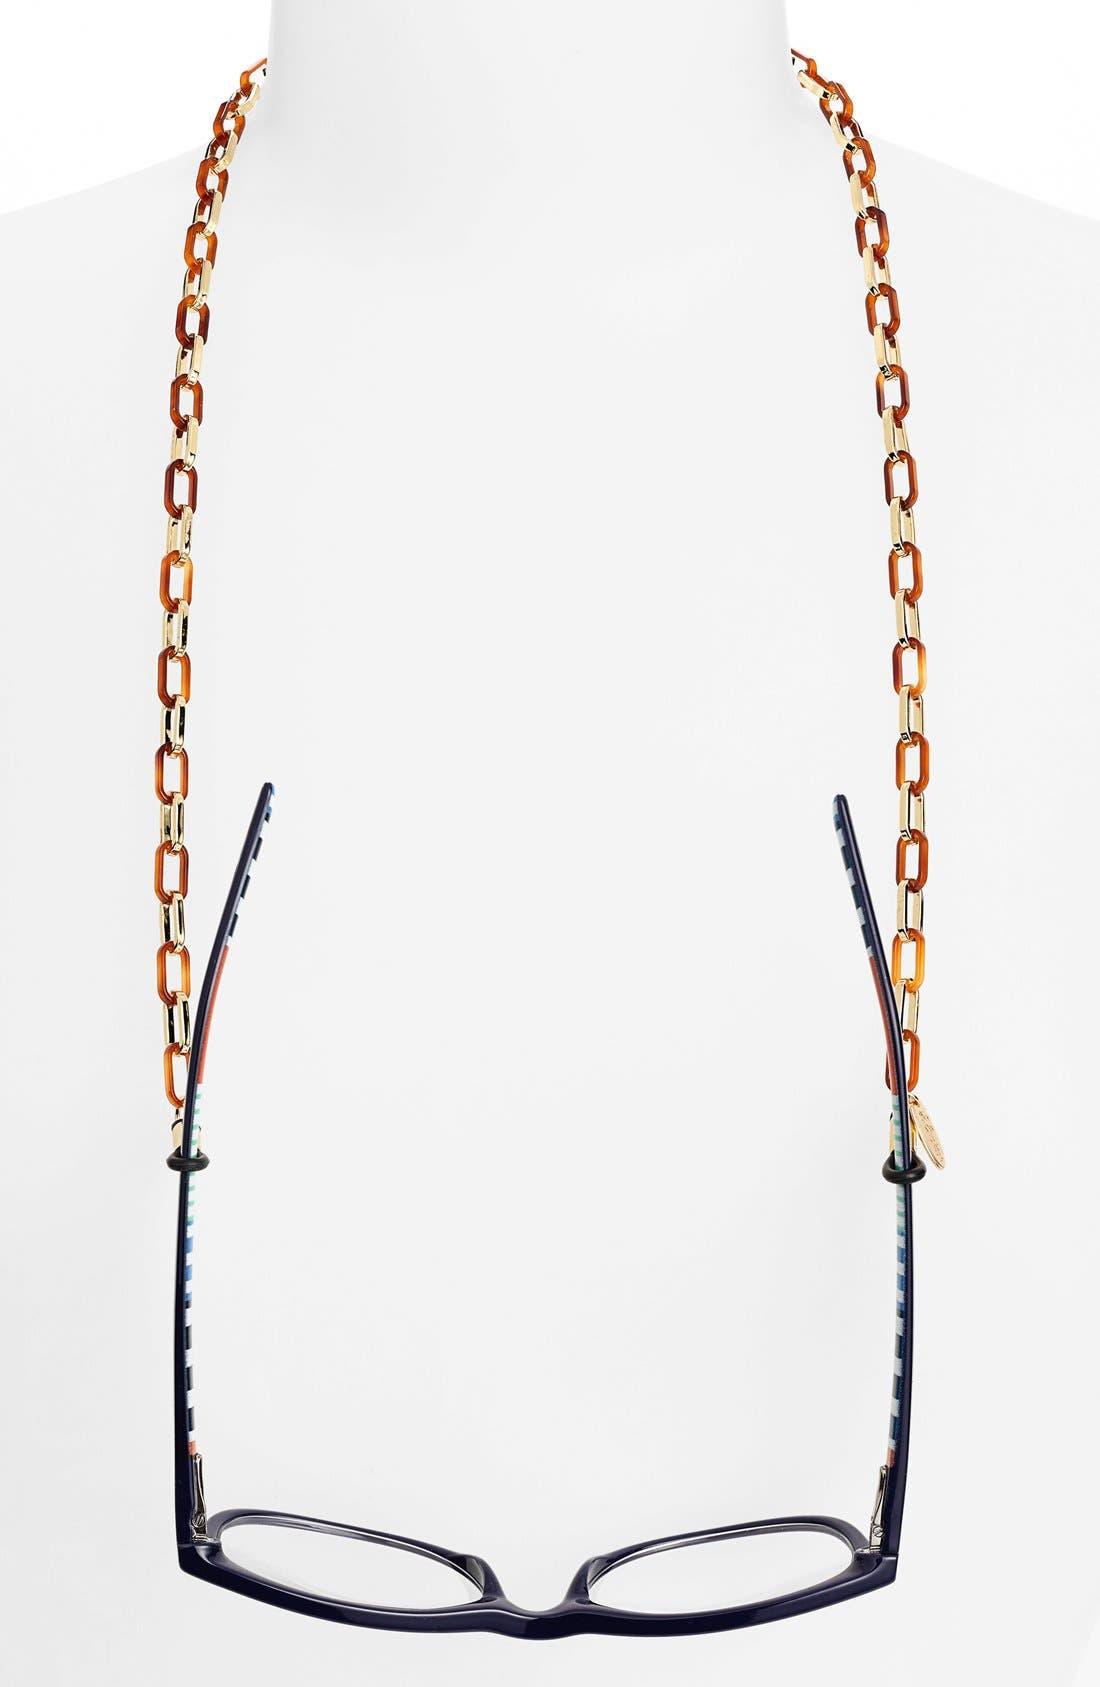 'Magdelan' Mini Metal Link Eyewear Chain,                             Main thumbnail 1, color,                             TORTOISE/ GOLD